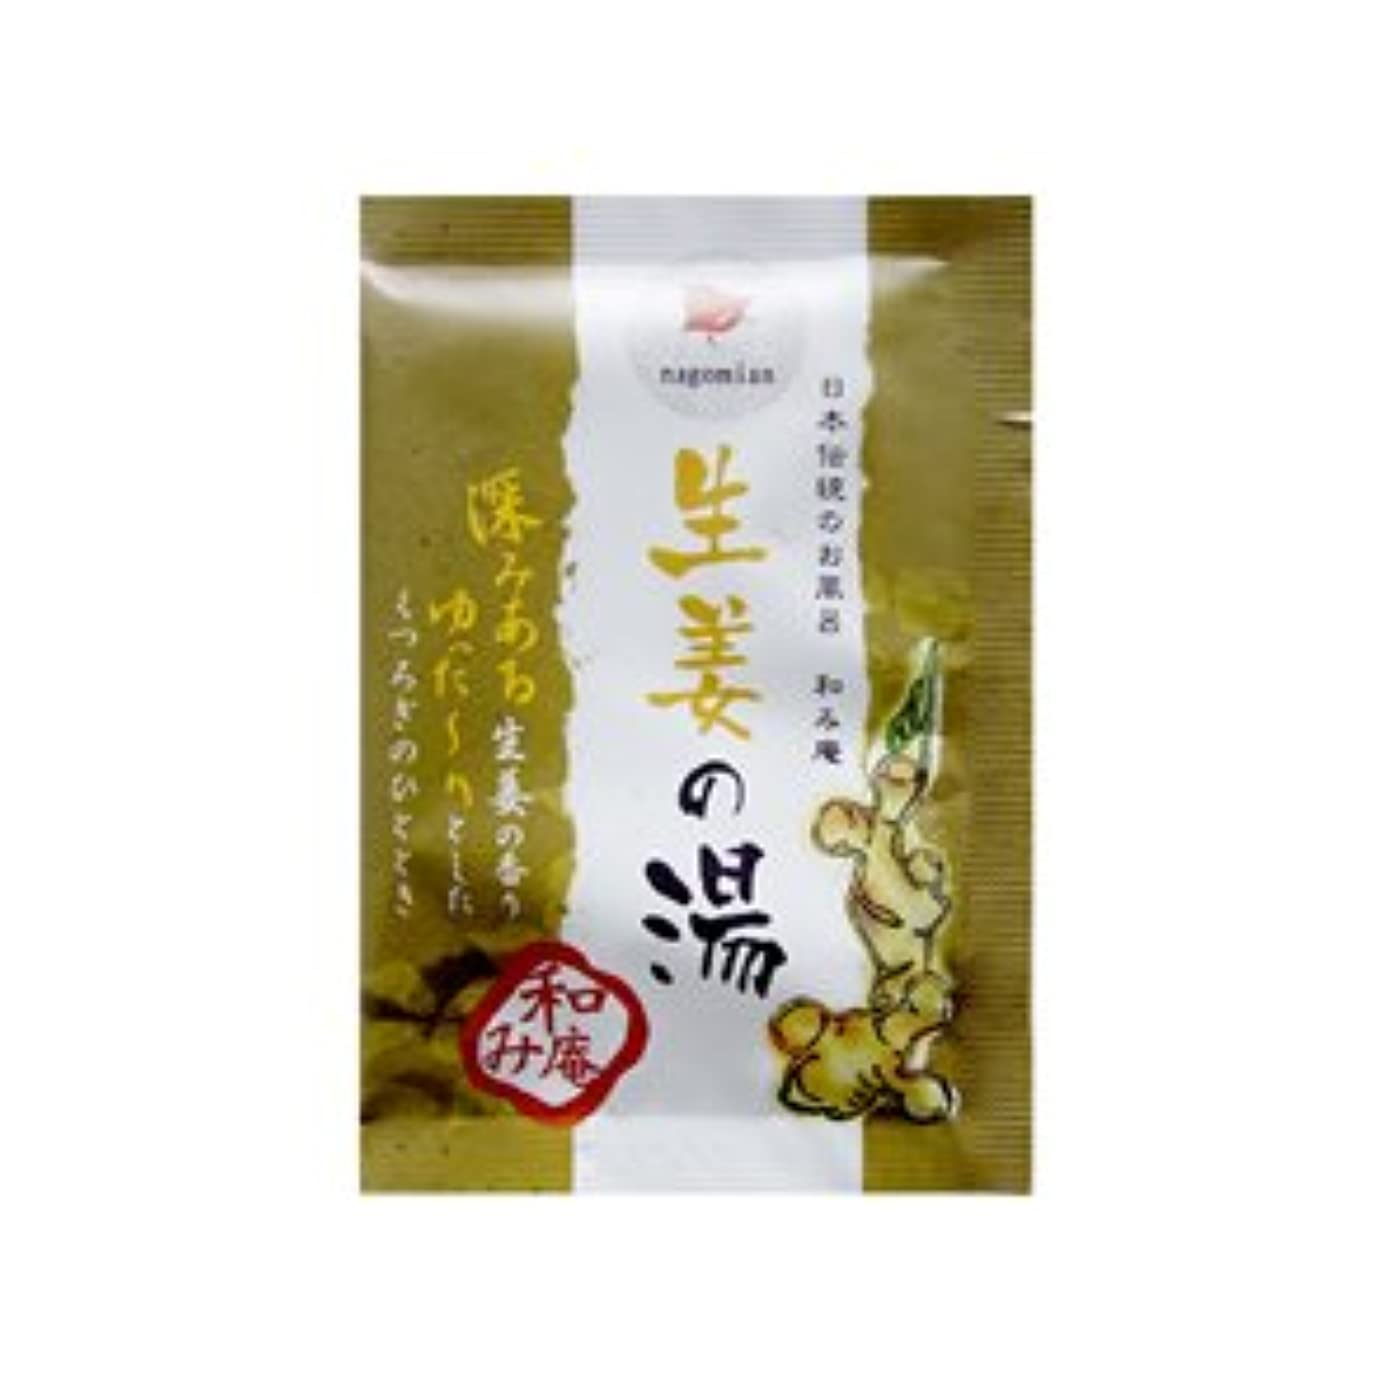 近代化面近代化する日本伝統のお風呂 和み庵 生姜の湯 25g 5個セット